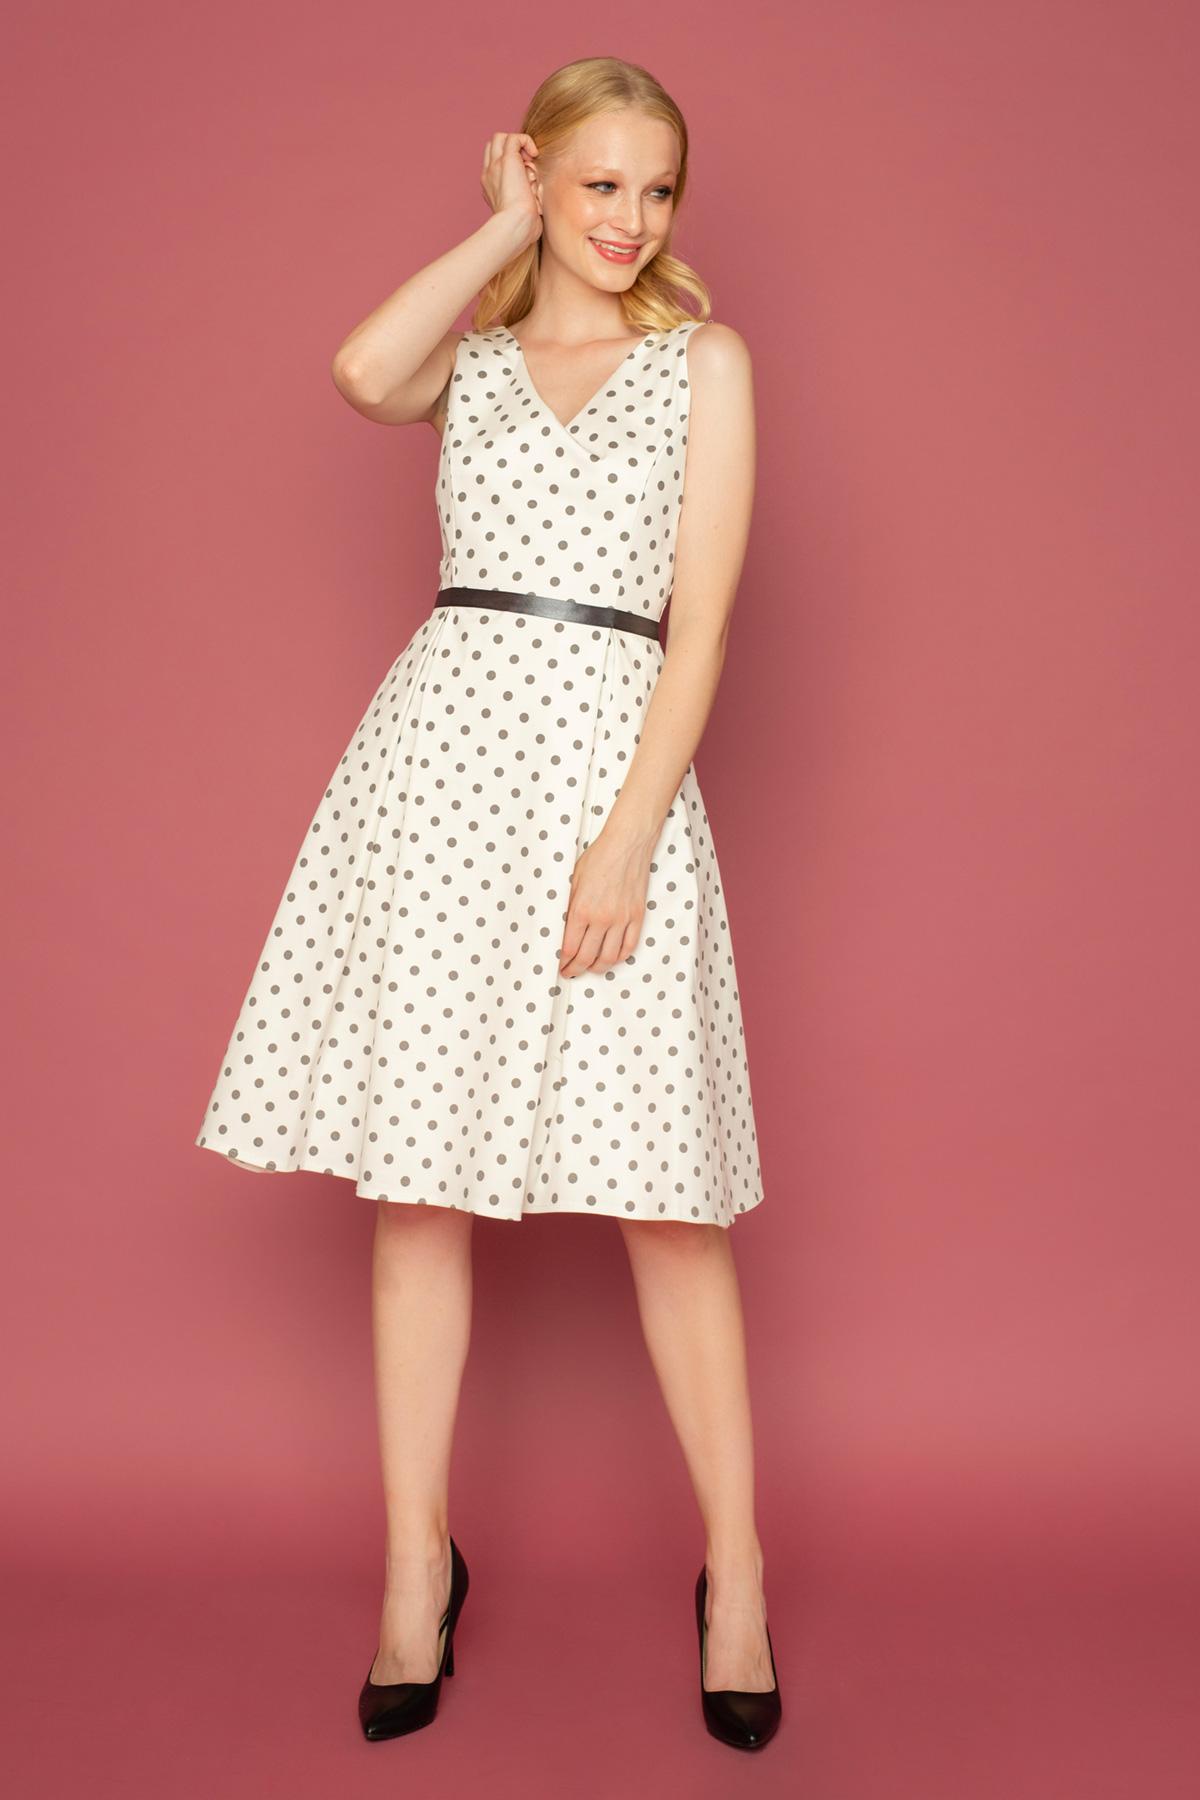 Ιβουάρ αμάνικο φόρεμα με μικρά γκρι πουά σε μεσάτη γραμμή, με κουφόπιετες και γκρι κορδέλα για ζώνη, ιδανικό για μια επίσημη περίσταση.